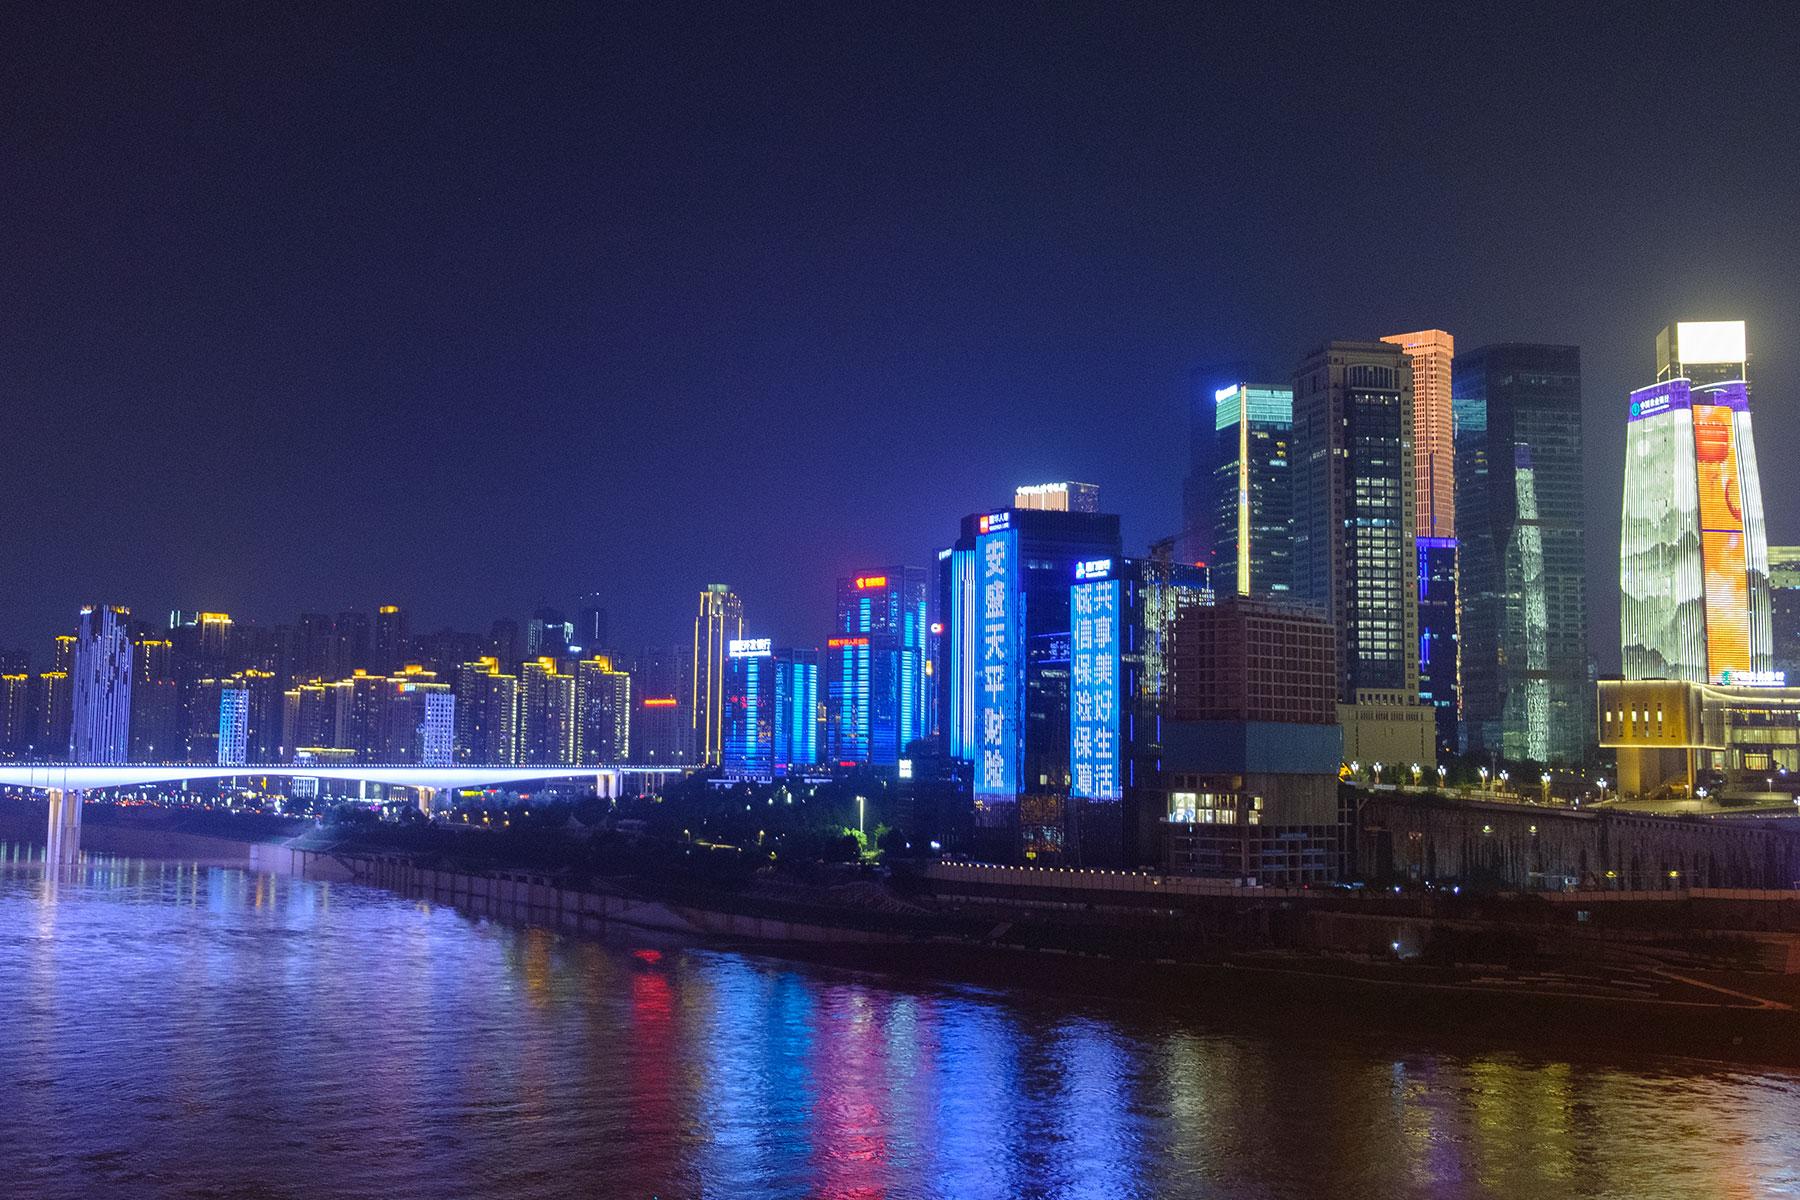 Beleuchtete Skyline bei Nacht in Chongqing